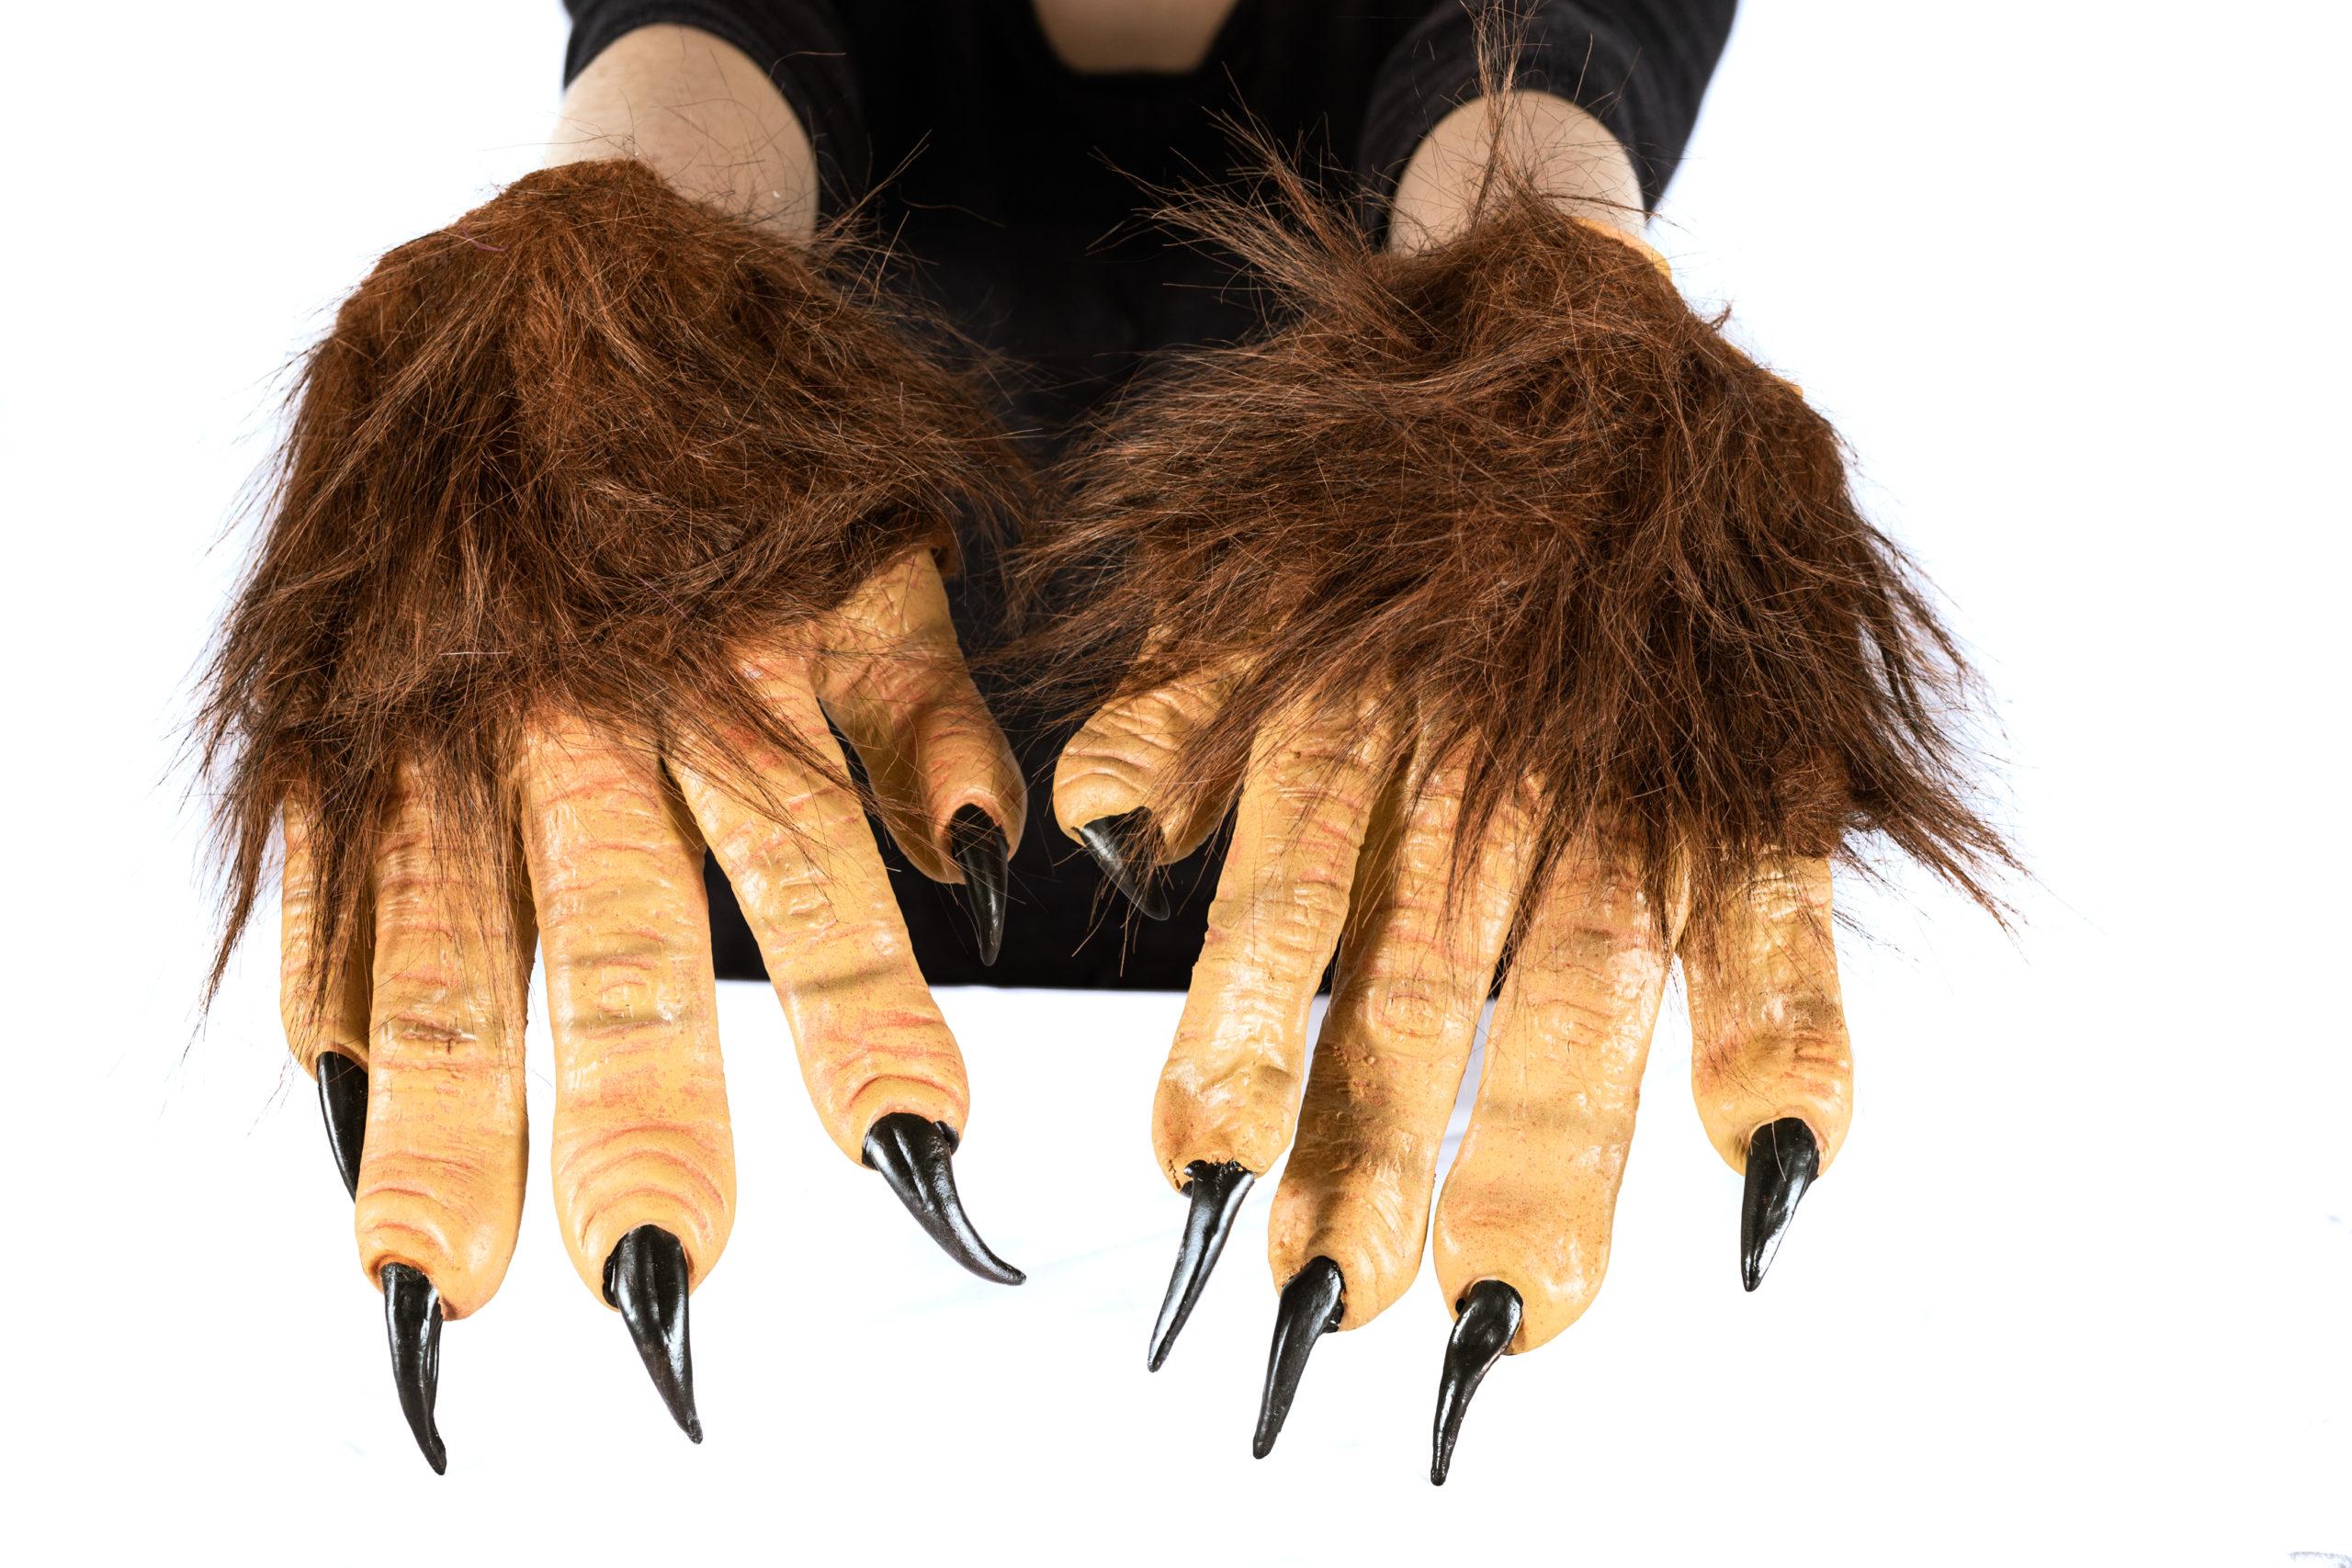 Monster hand gloves